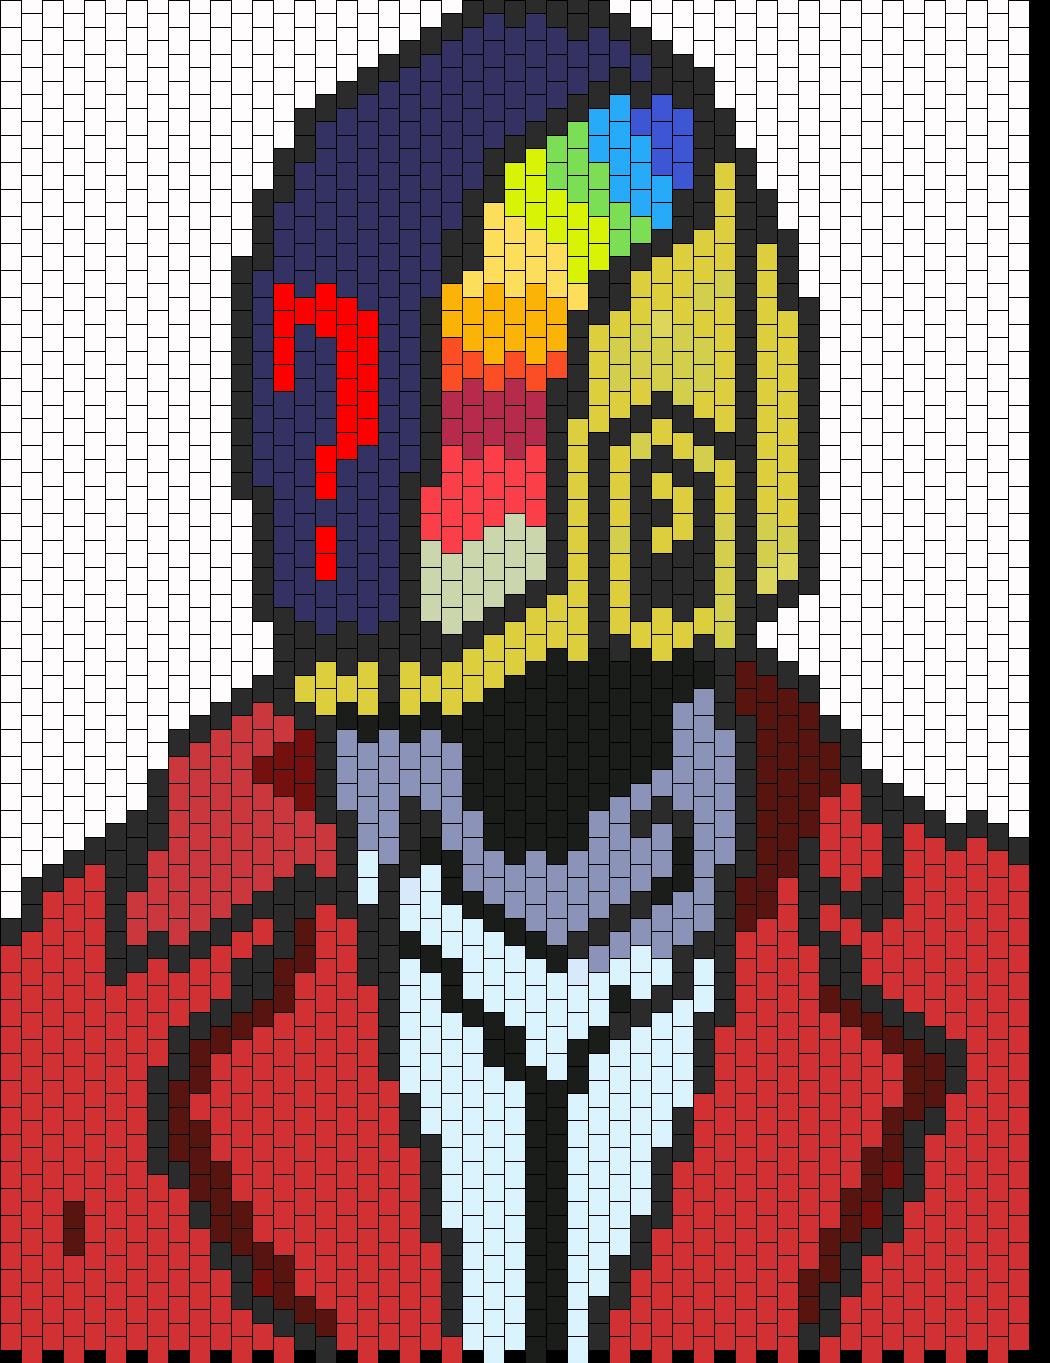 Daft Punk Robot